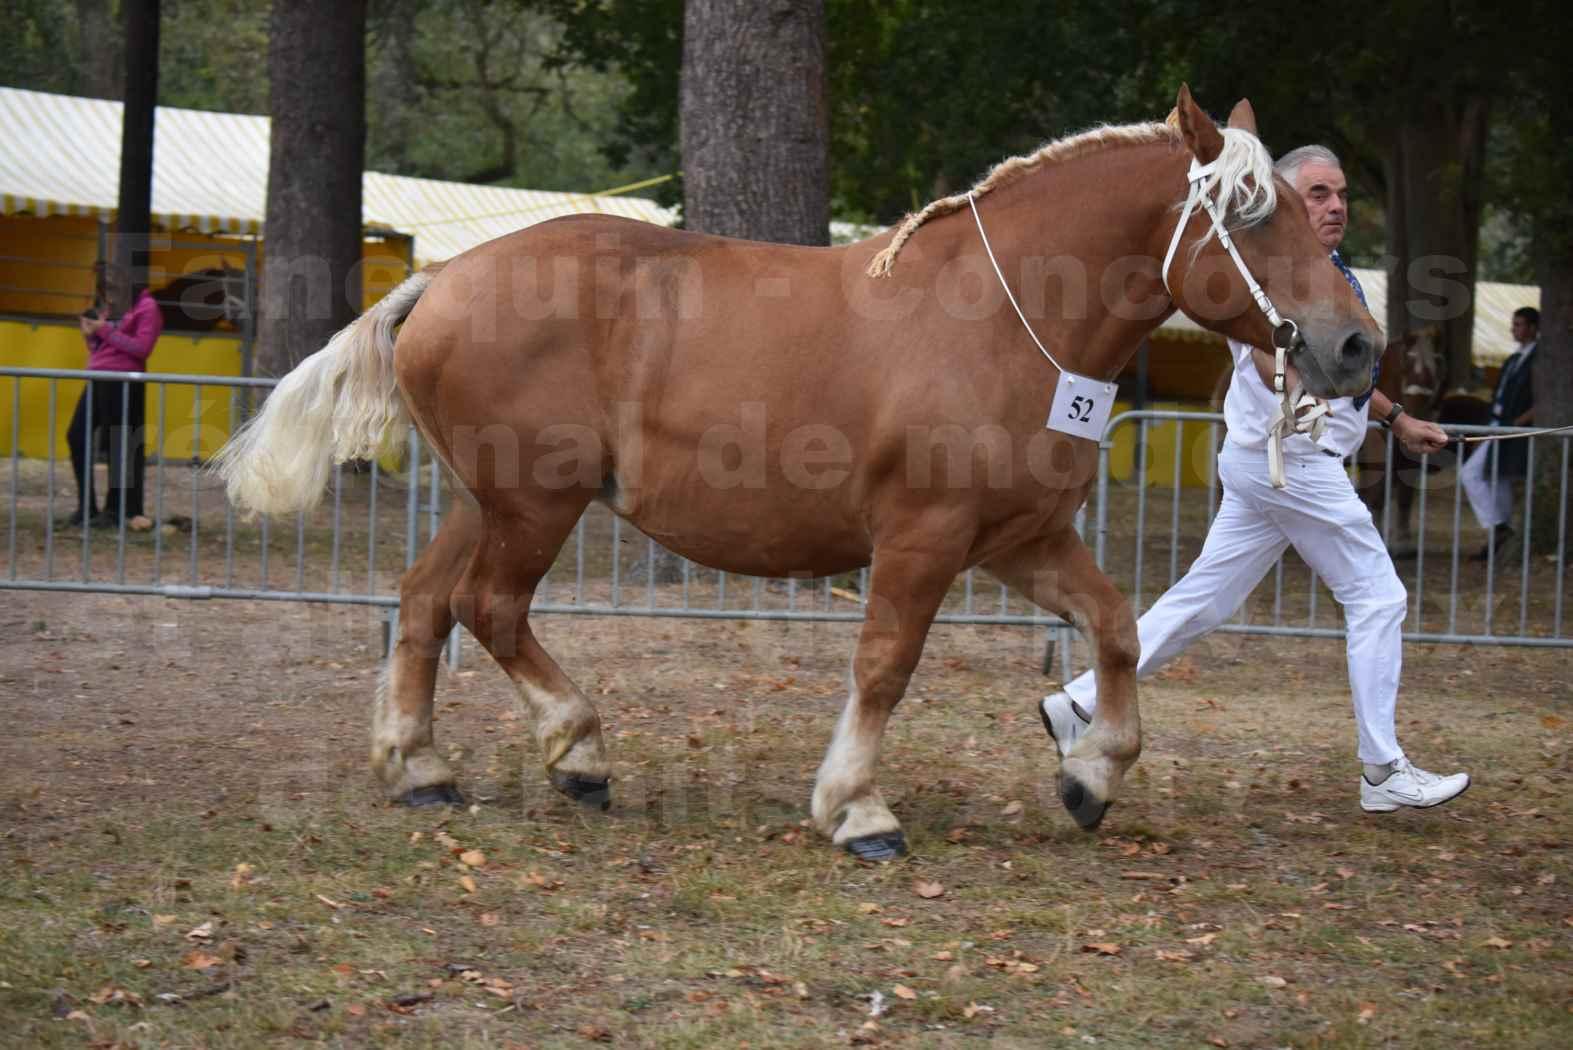 Concours Régional de chevaux de traits en 2017 - Jument & Poulain COMTOIS - BAILLA DU CLOS - 33